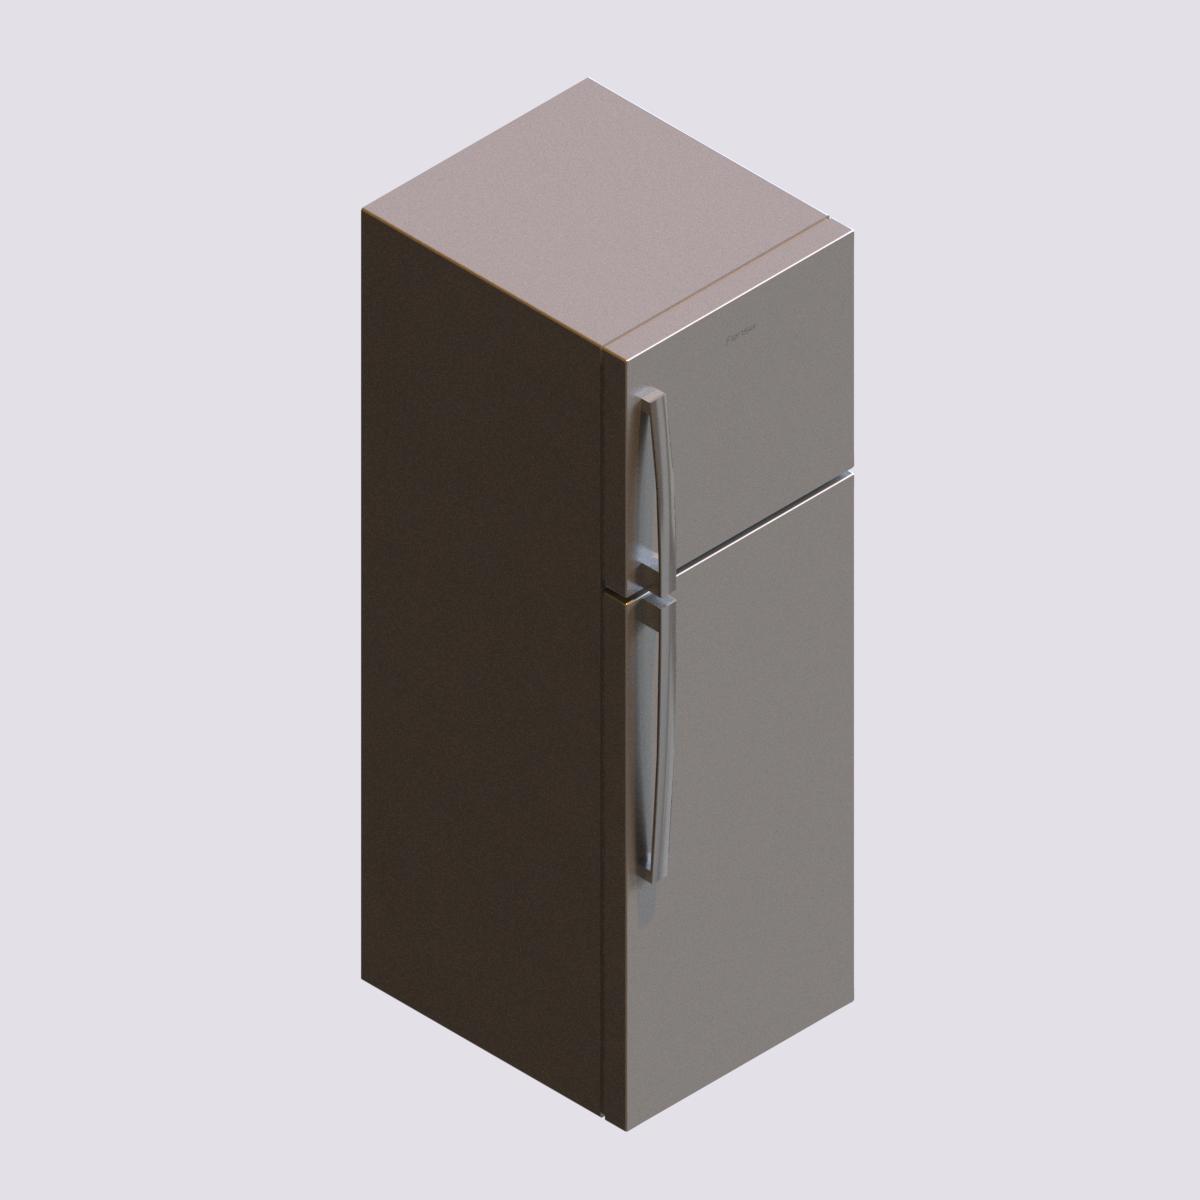 Refrigerador Fensa Advantage 5200 en BIM